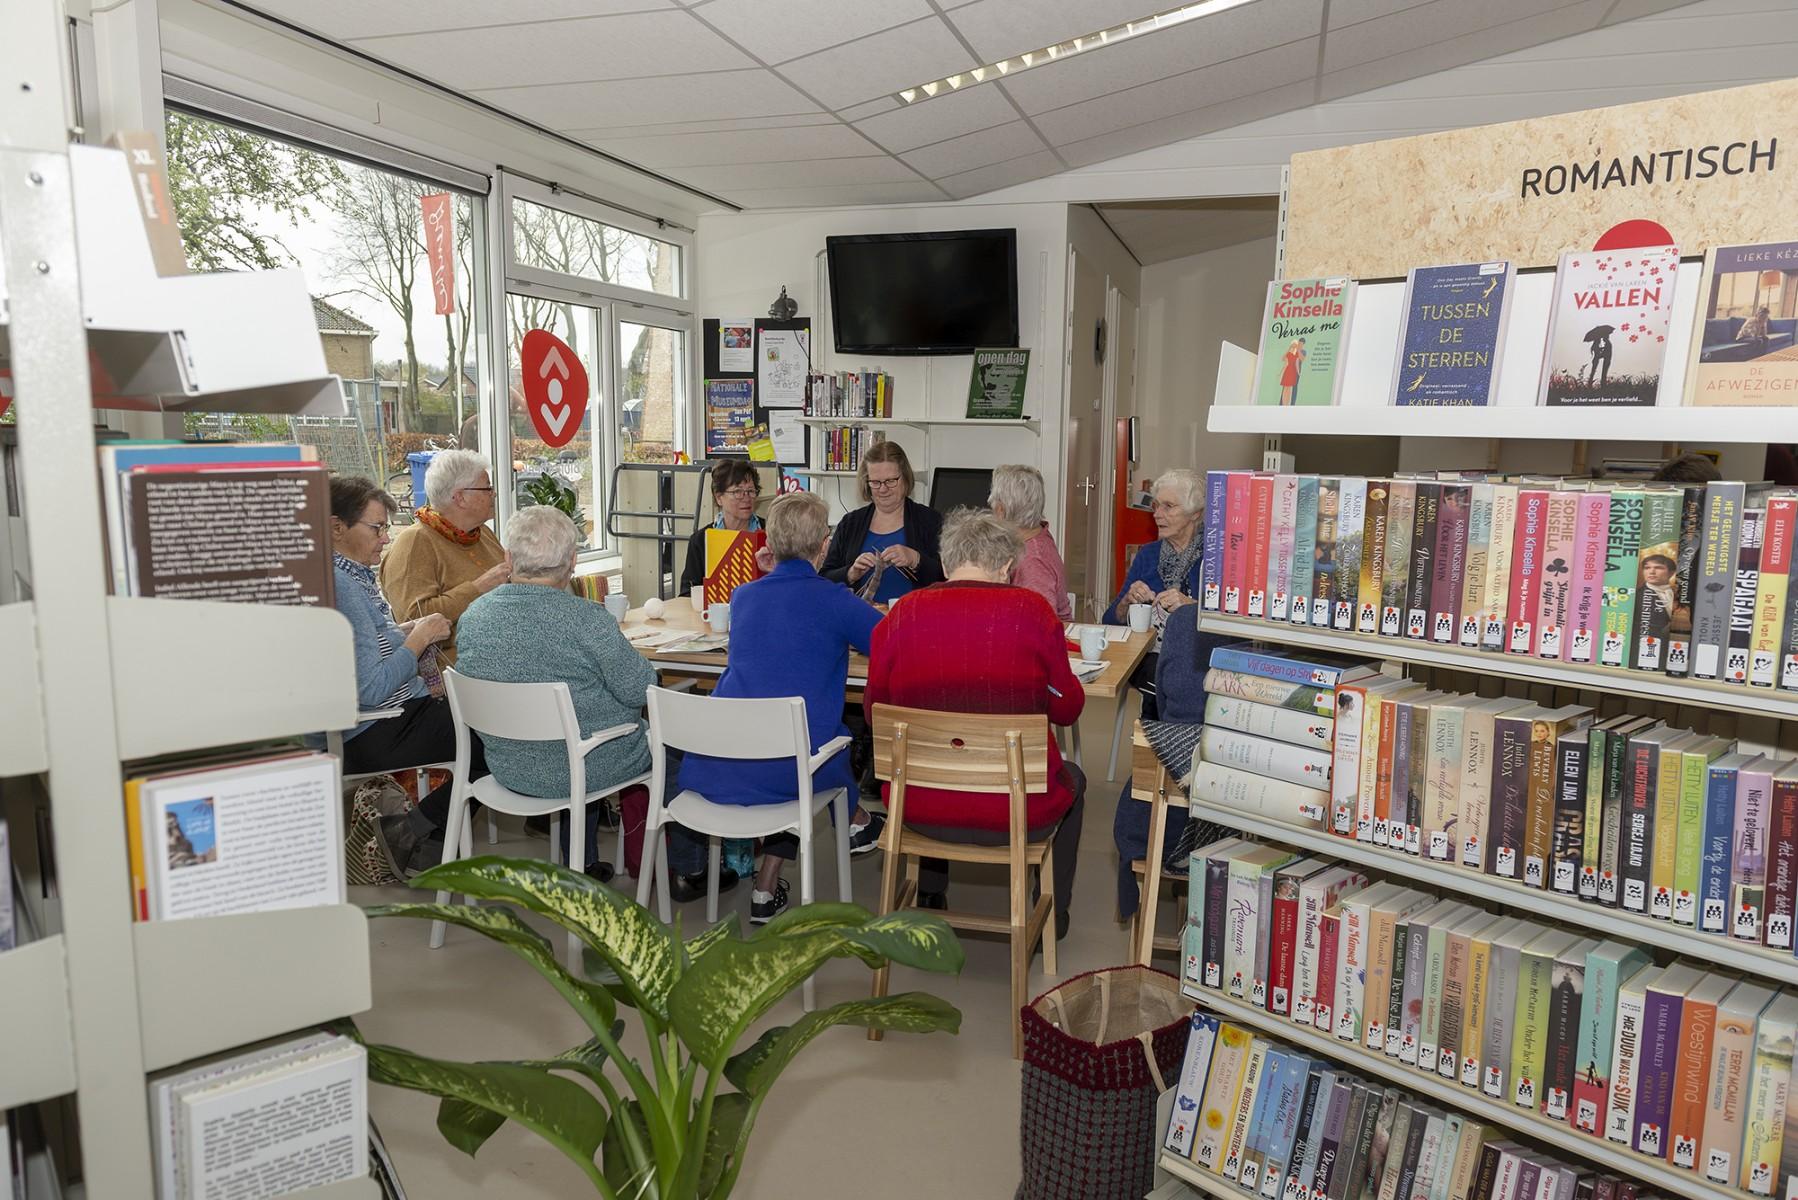 Foto van handwerkende dames in het handwerkcafe in de bibliotheek i